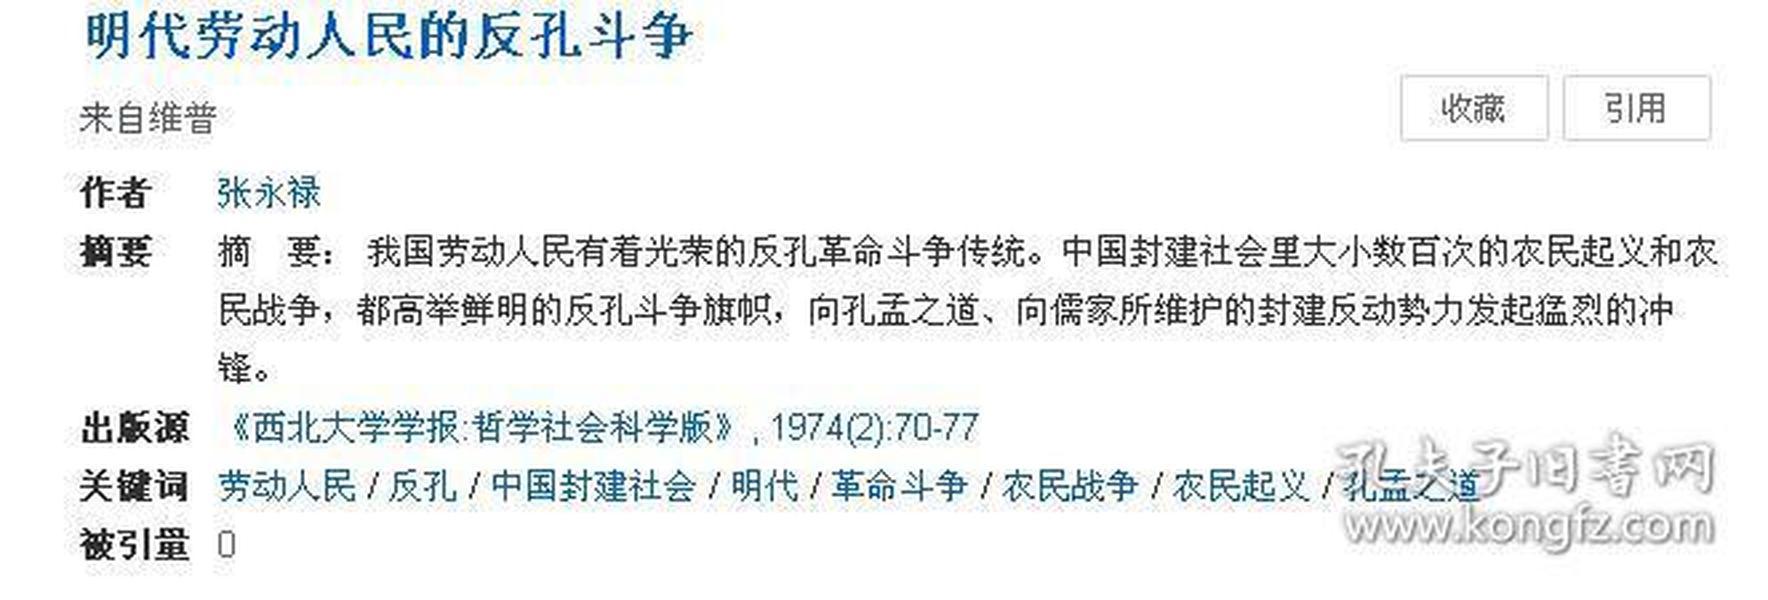 西北大学张永禄教授手稿《明清时期劳动人民的反封建斗争》